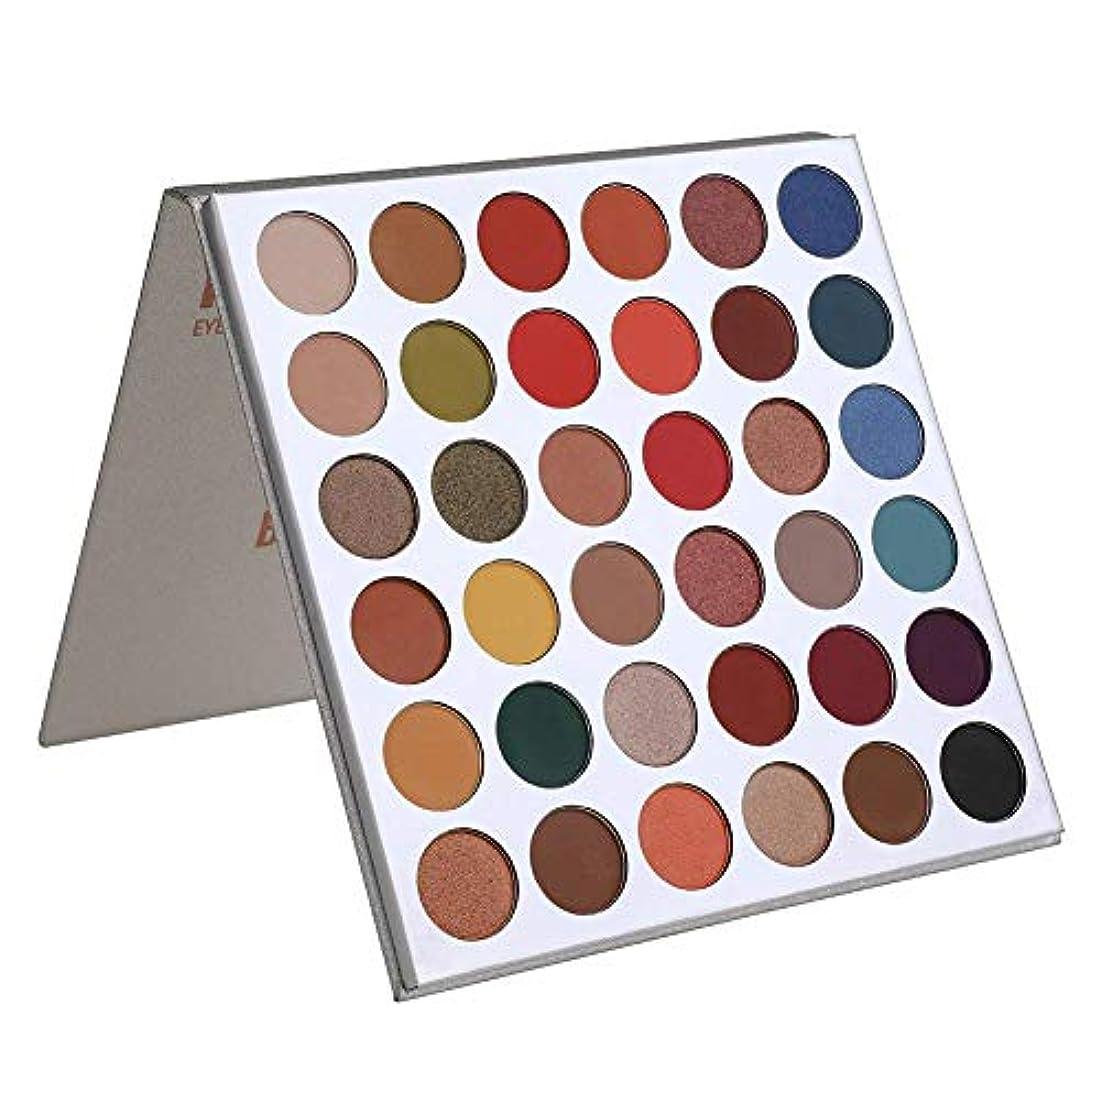 付添人分割チョークBrill(ブリーオ)最高のプロアイシャドウマットパレットメイクアイシャドウプロフェッショナル完璧なファイル暖かいナチュラルニュートラルスモーキーパレットアイメイクアップシルキーパウダー化粧品36色